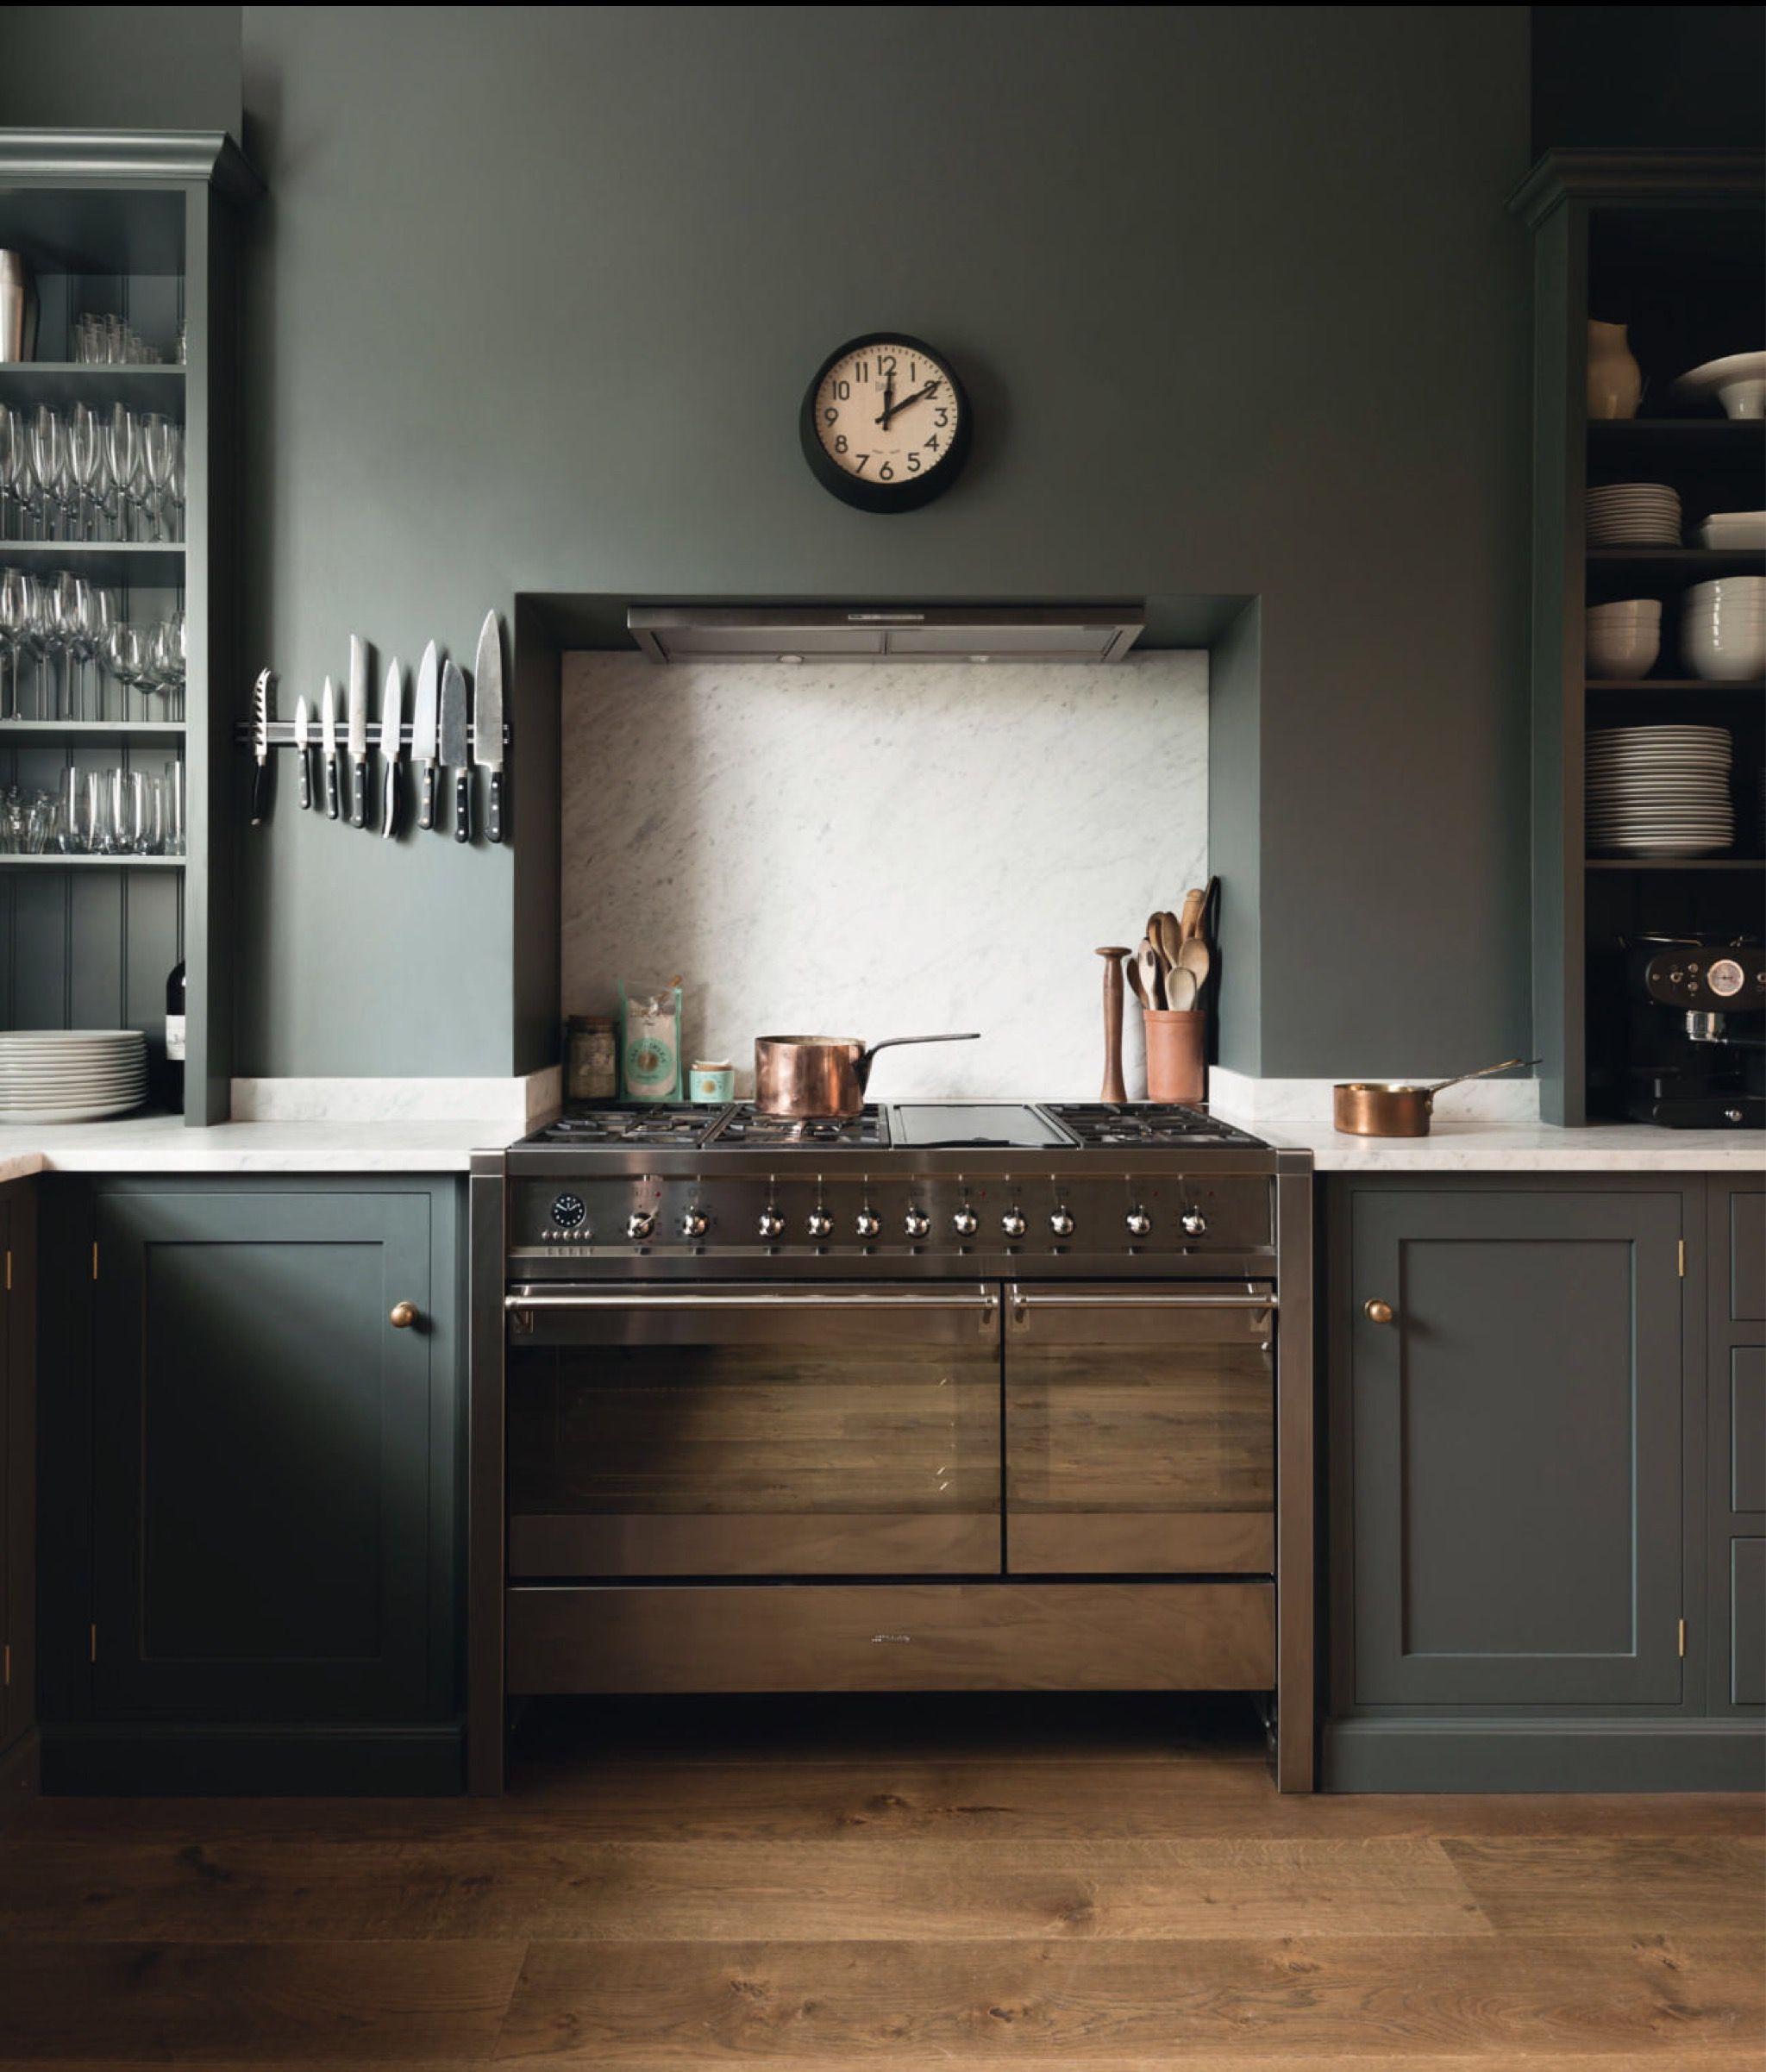 devol kitchen cocinas cocinas oscuras cocinas und mobiliario de cocina. Black Bedroom Furniture Sets. Home Design Ideas